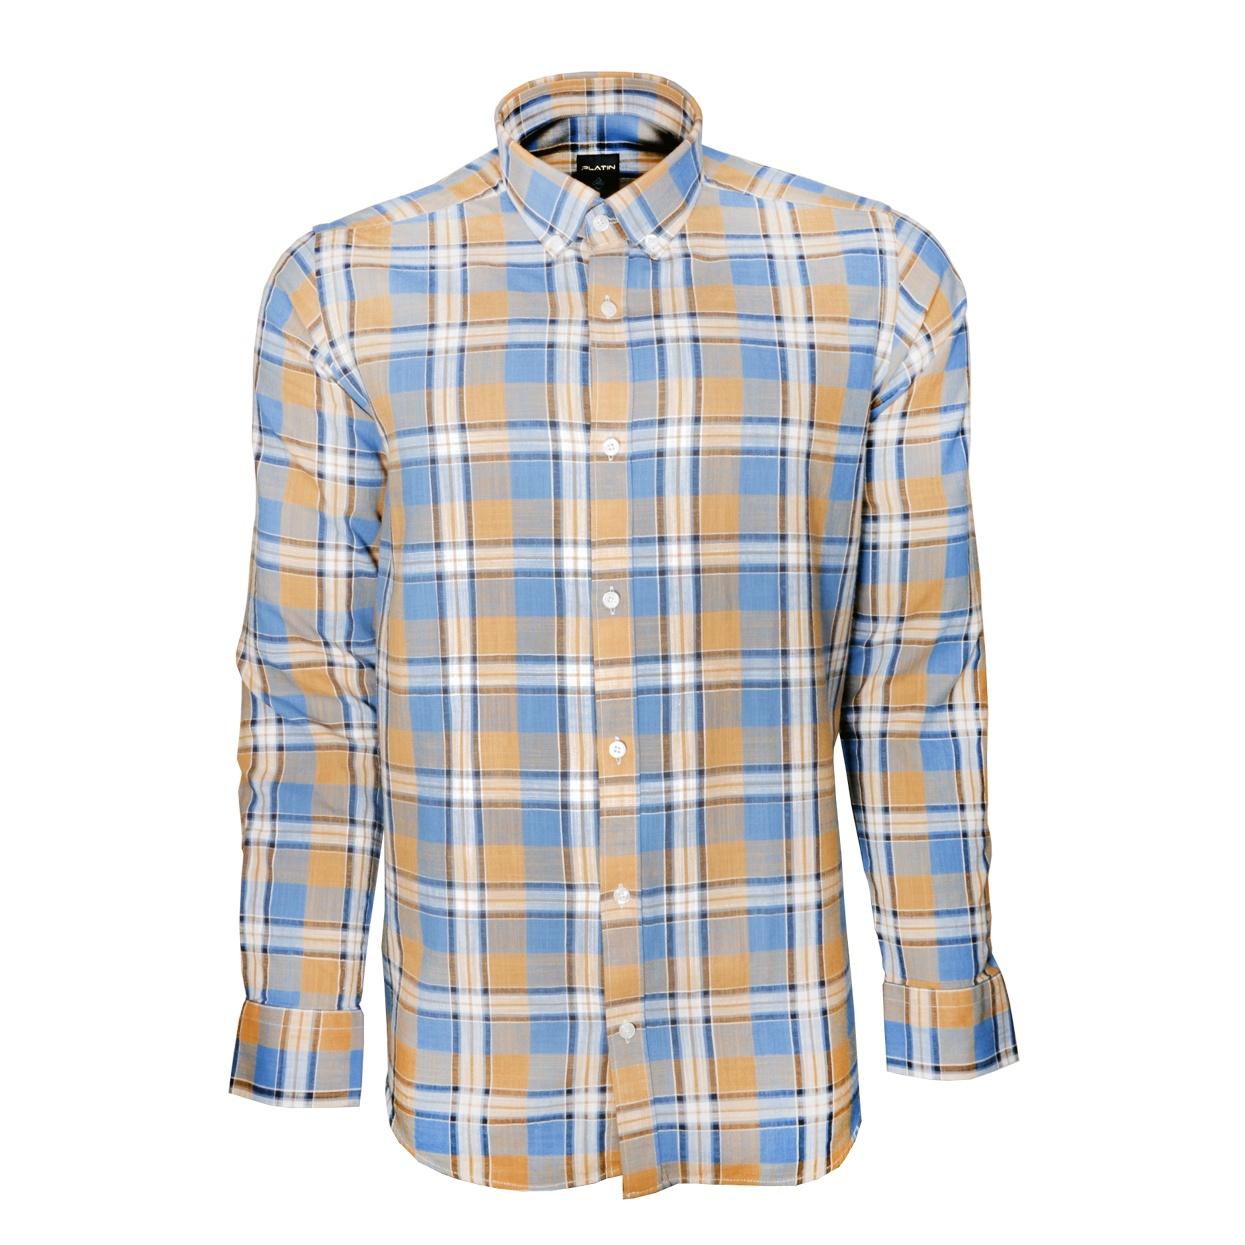 پیراهن مردانه پلاتین طرح چهارخانه کد 1031